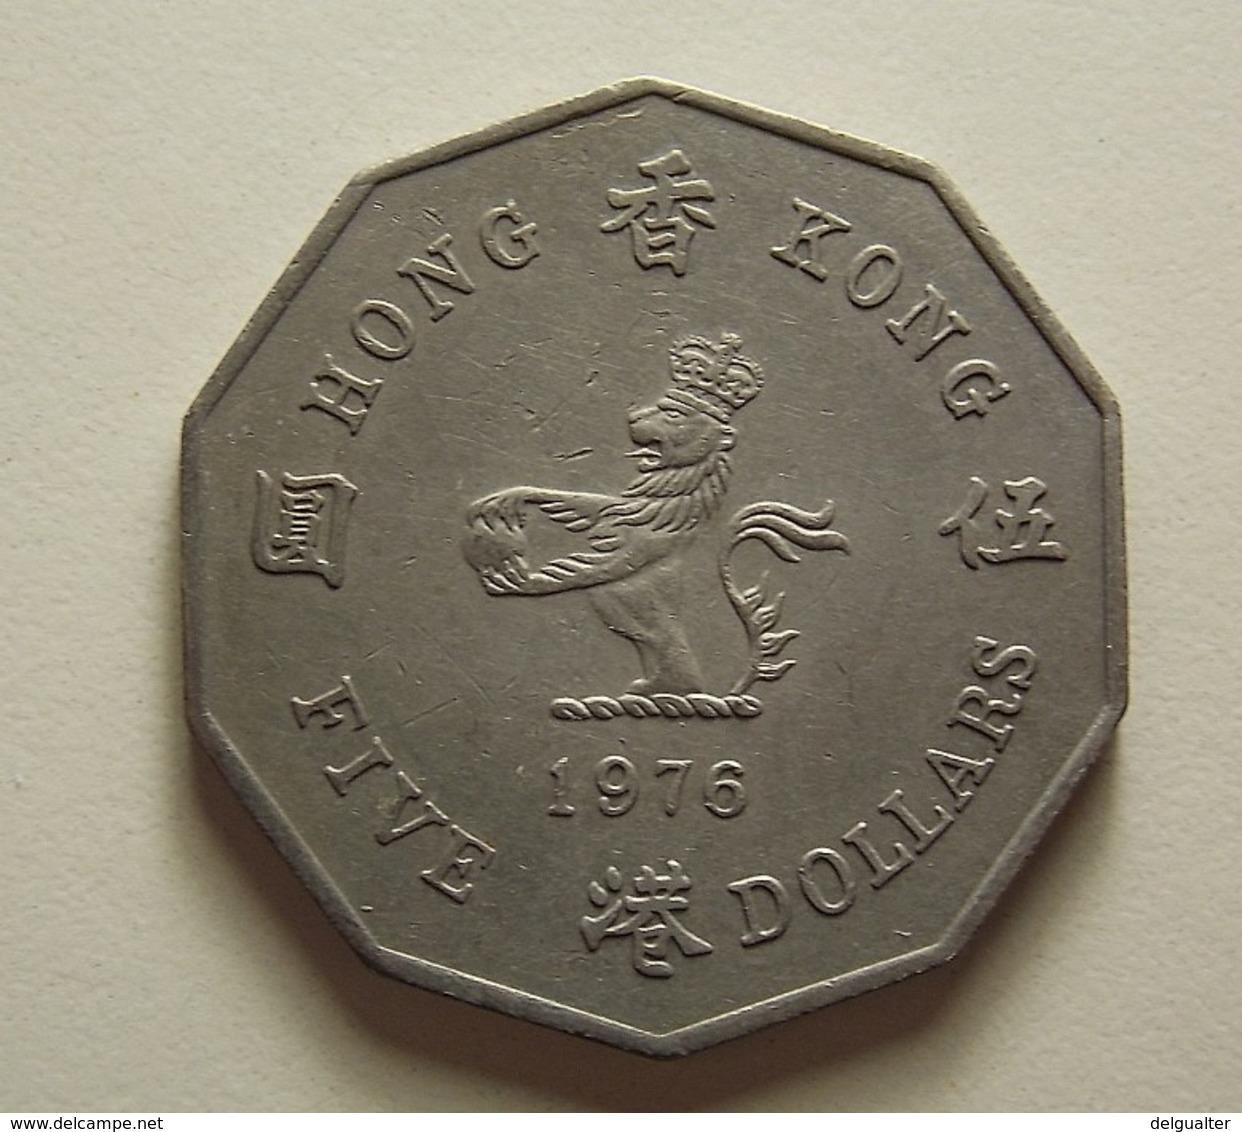 Hong Kong 5 Dollars 1976 - Hong Kong